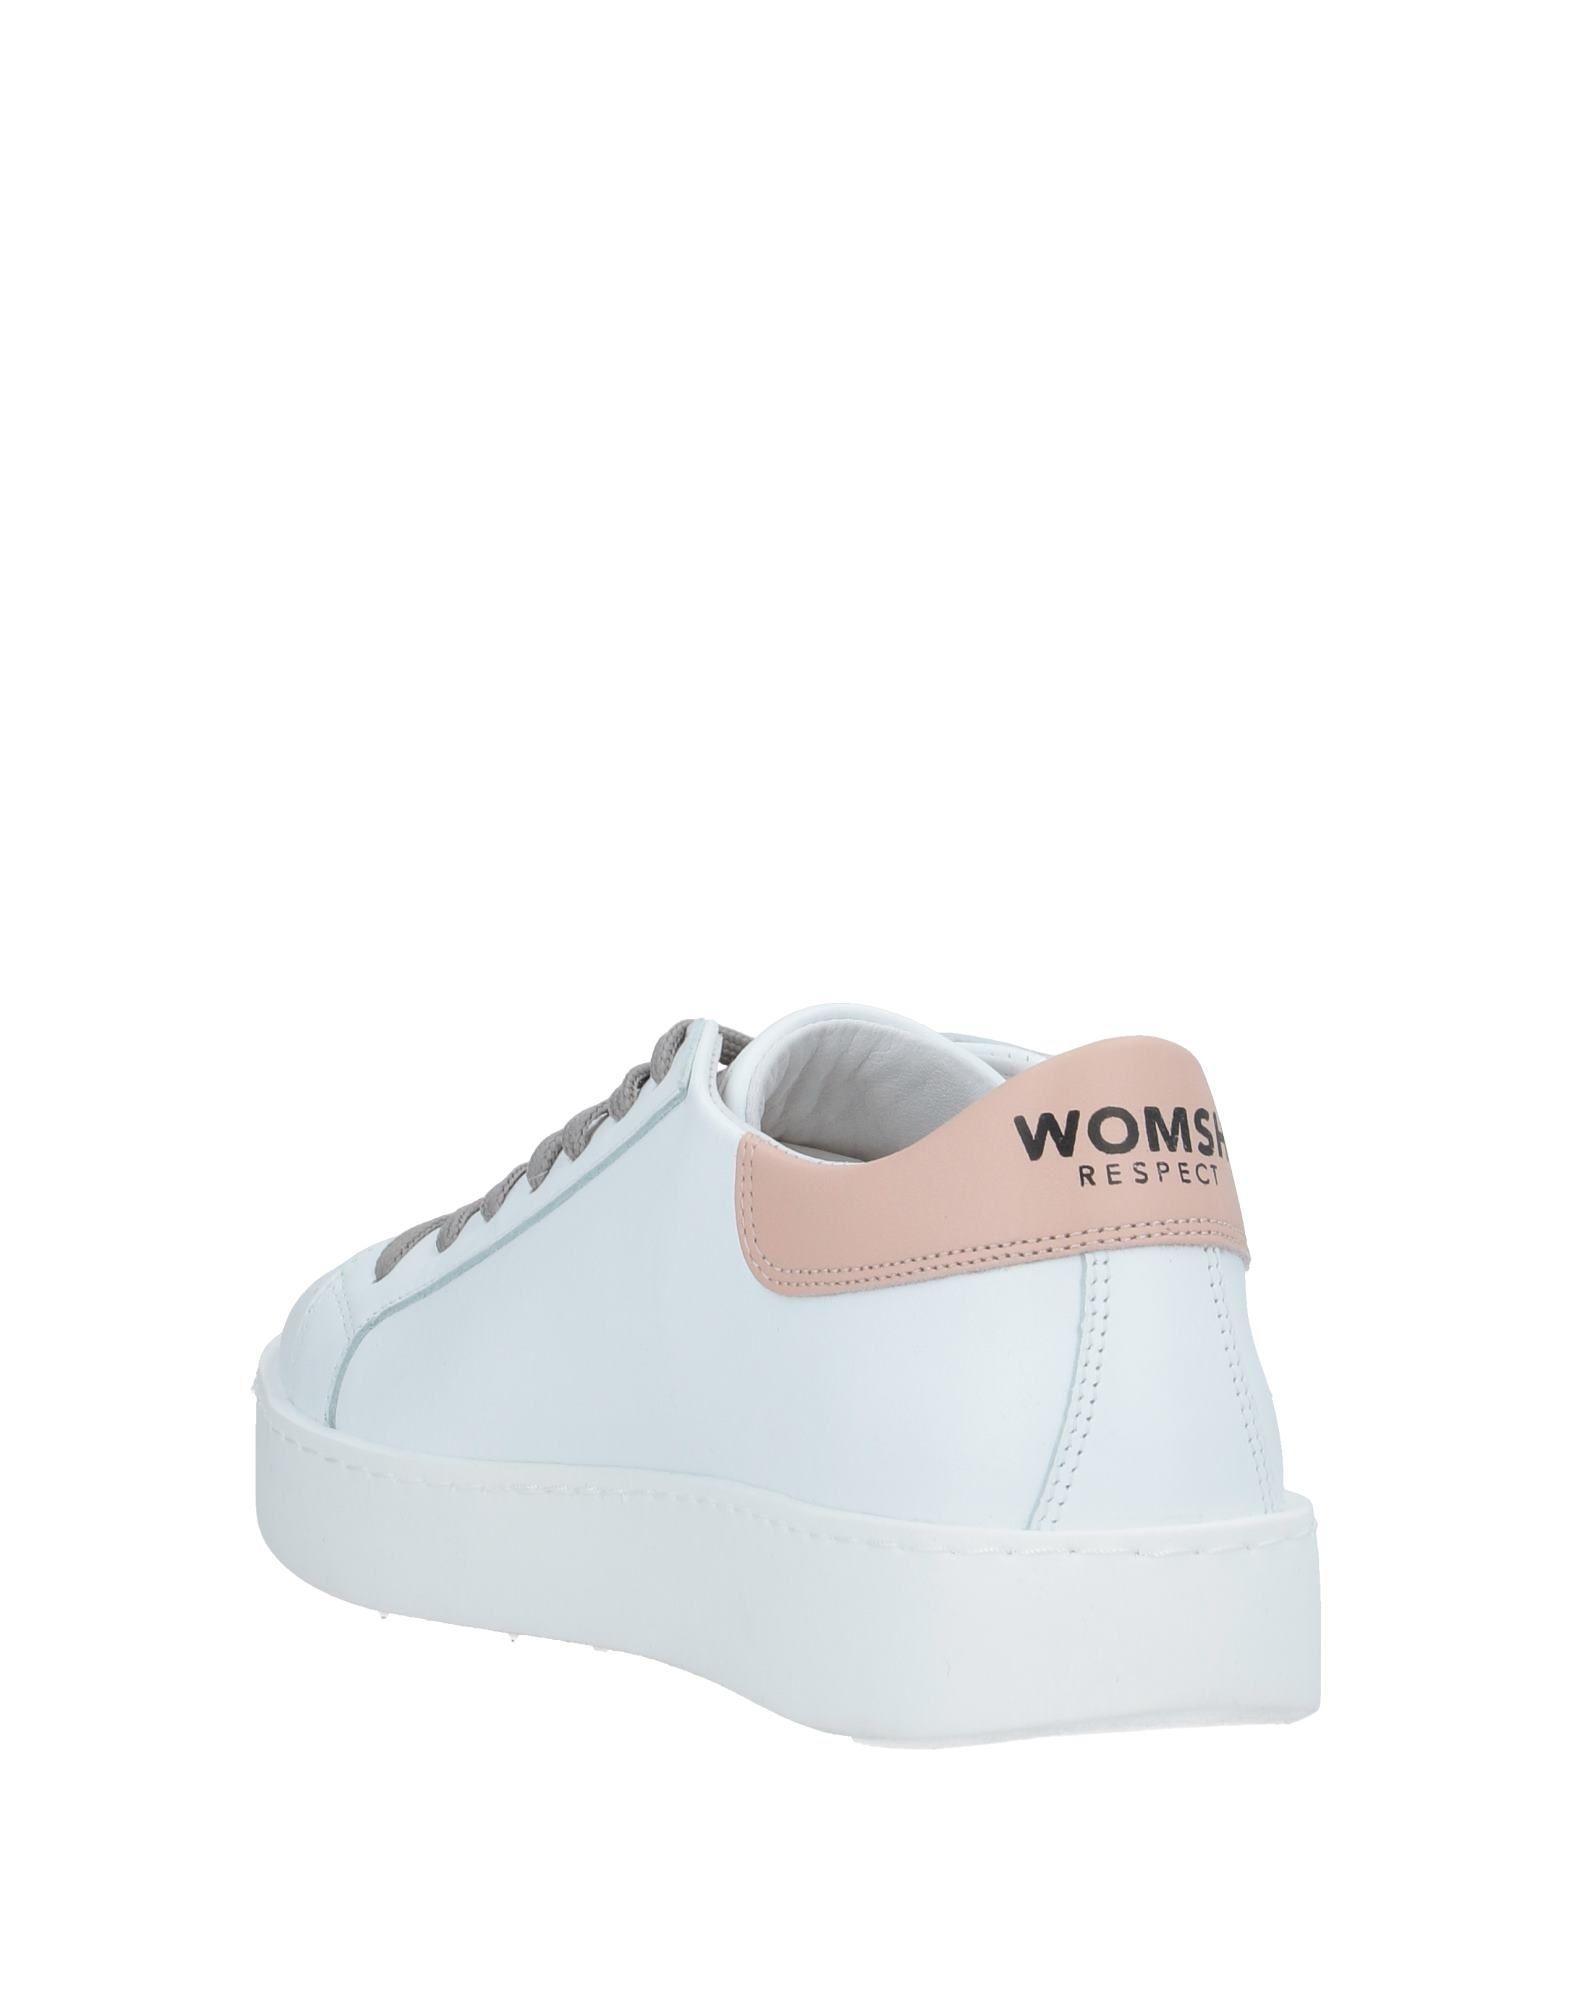 Sneakers & Tennis basses Cuir WOMSH en coloris Blanc VNMF